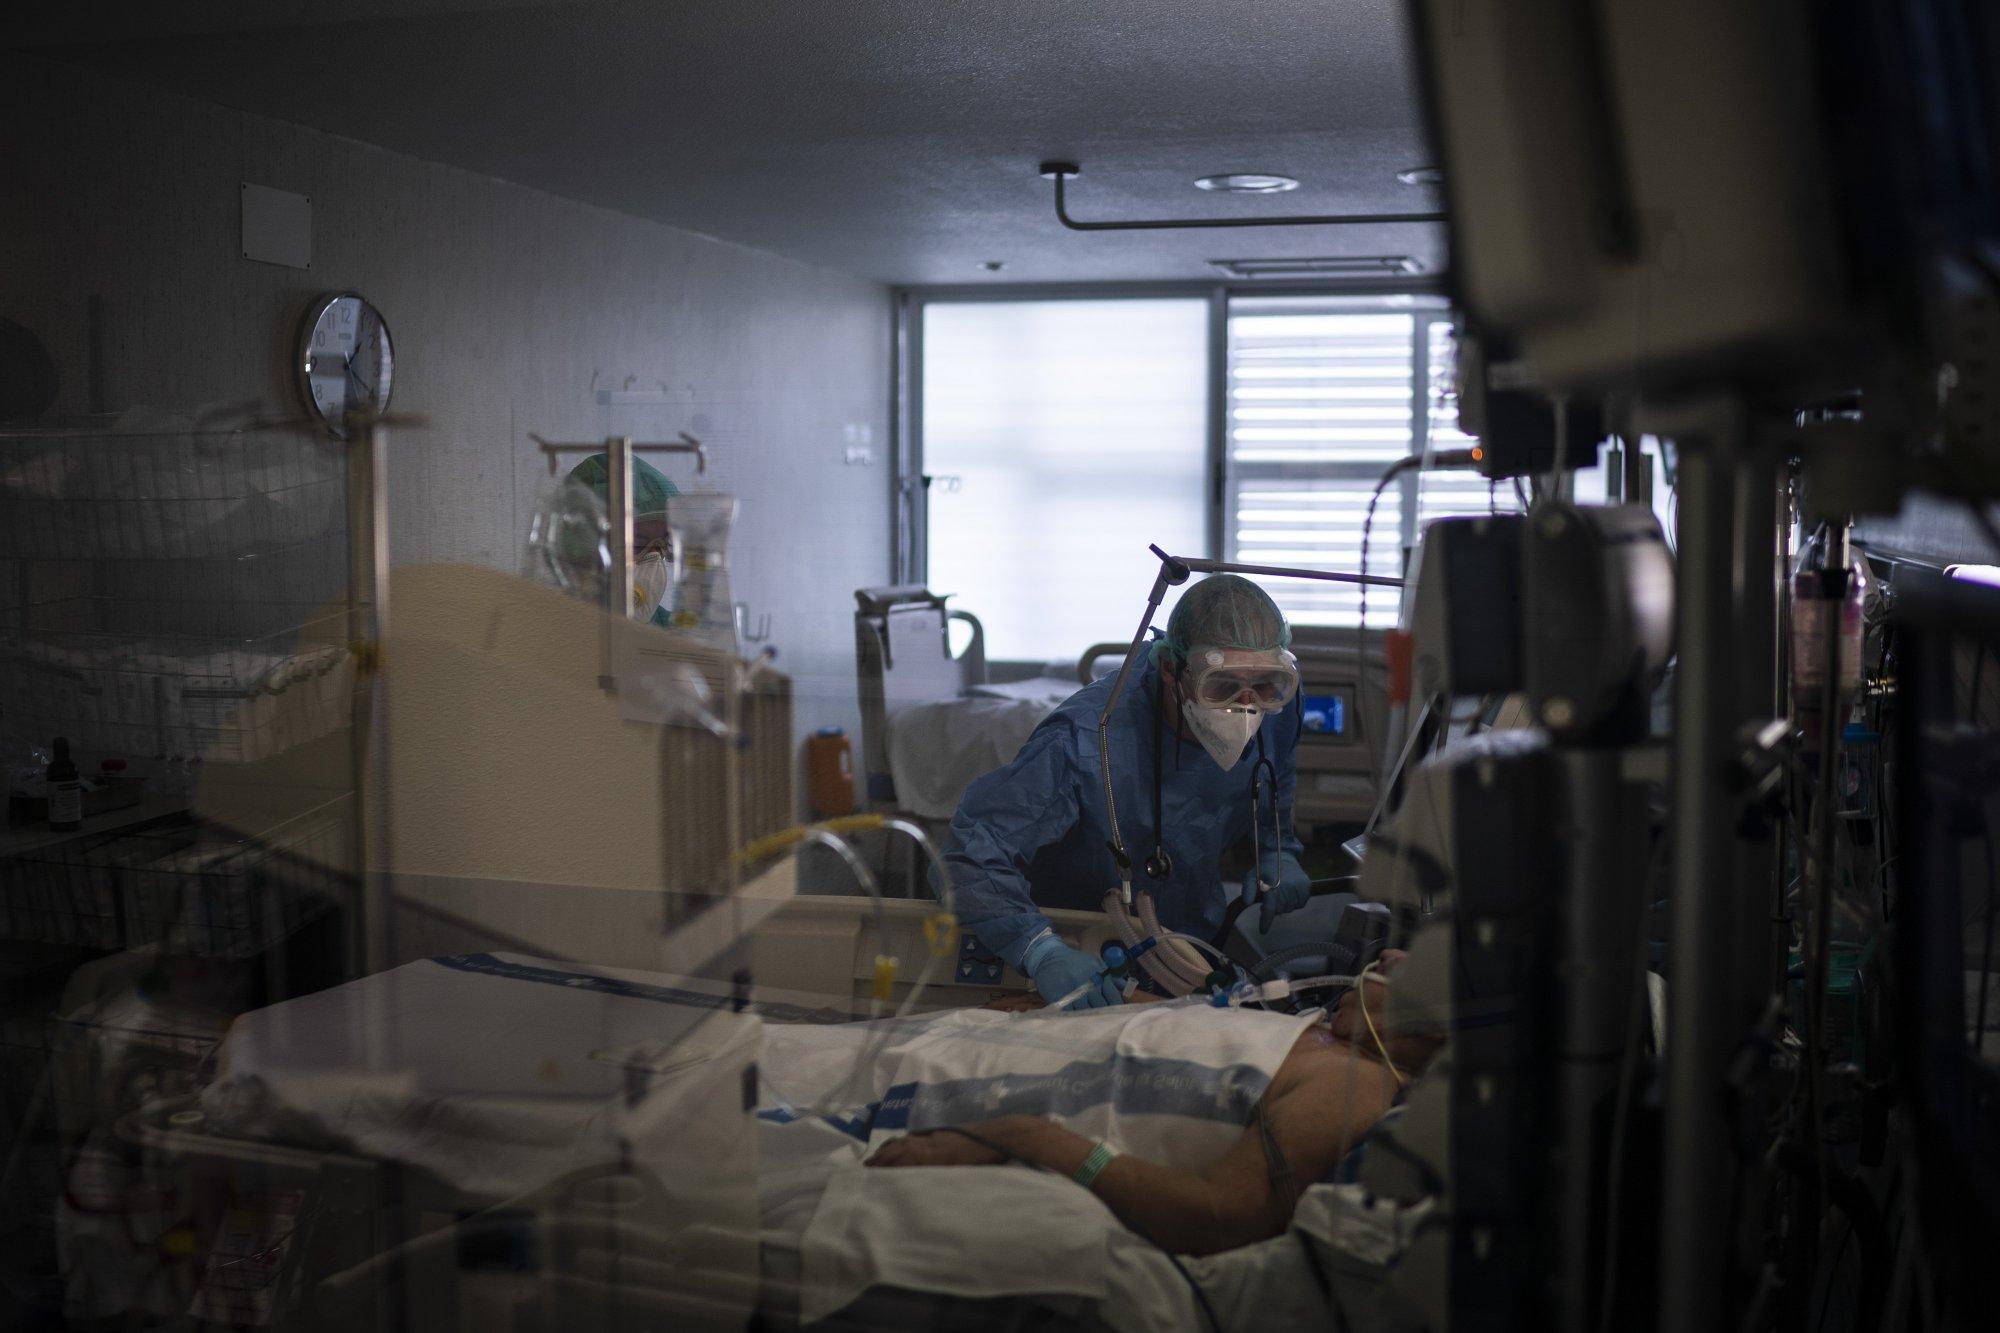 Los trabajadores de la salud ayudan a un paciente COVID-19 en una de las unidades de cuidados intensivos (UCI) (AP Photo/Felipe Dana)